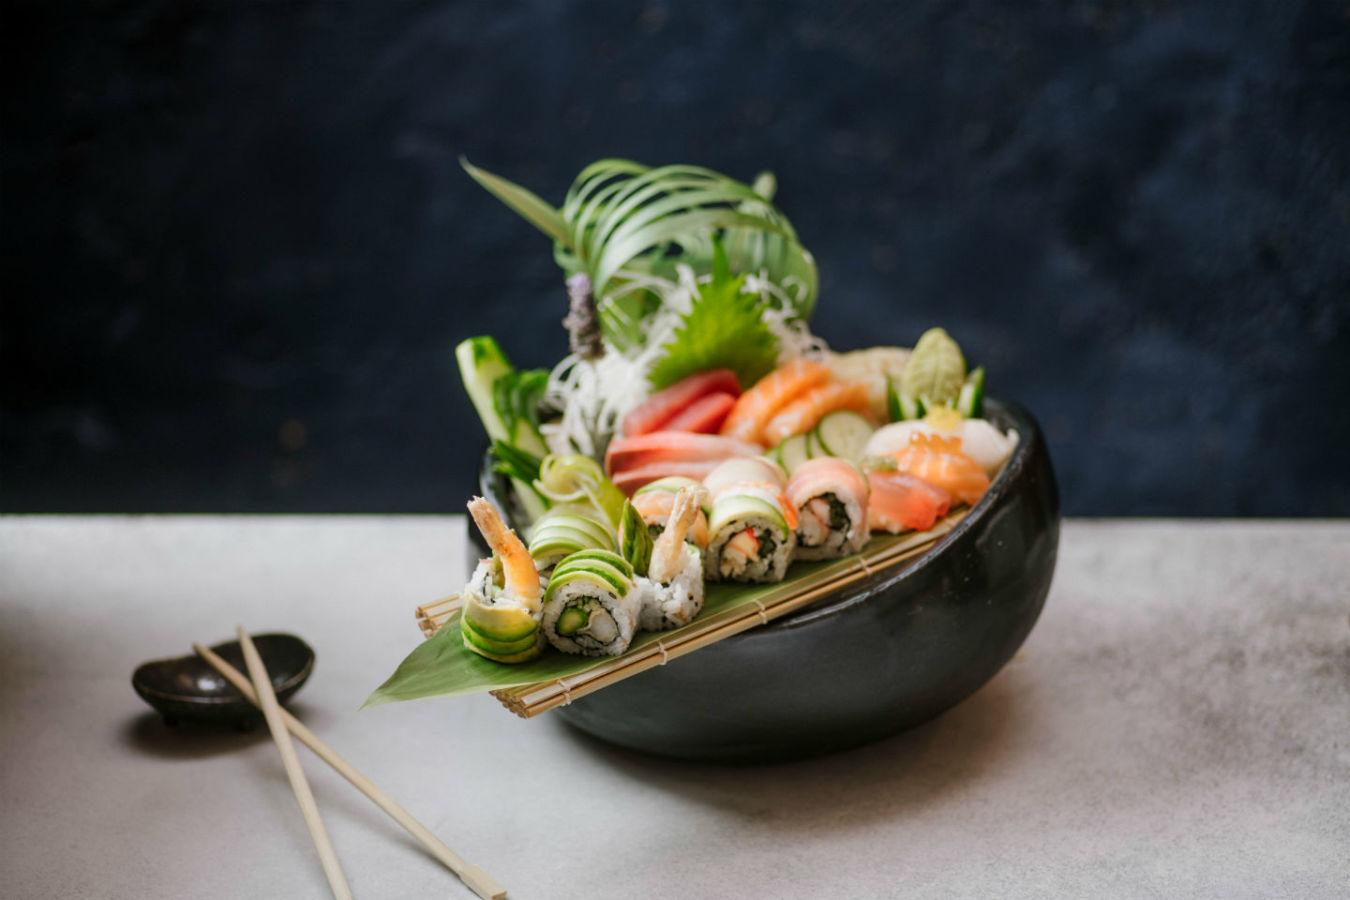 Omakase (platter with sushi sashimi etc